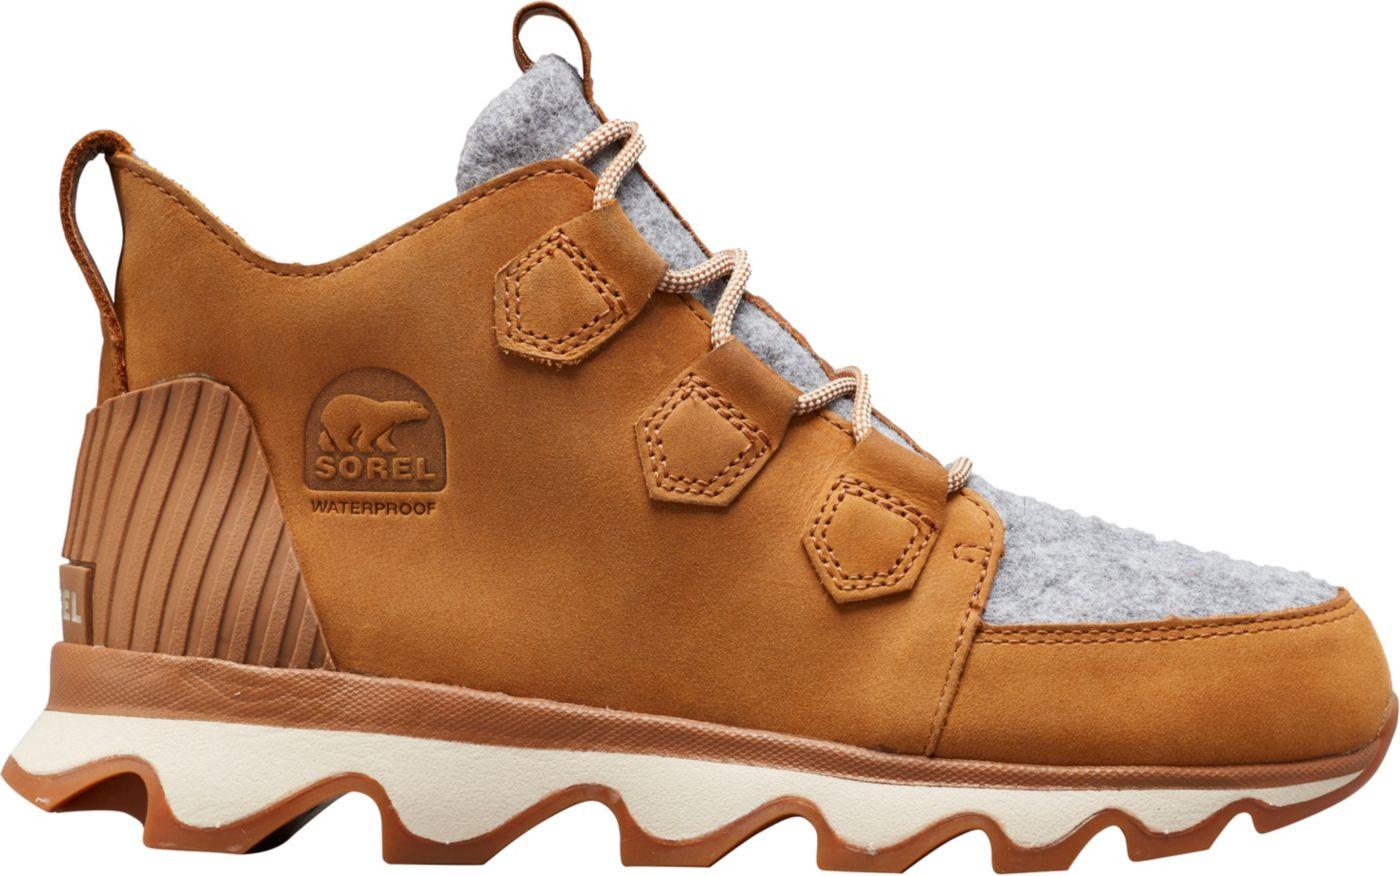 SOREL Women's Kinetic 100g Waterproof Winter Shoes